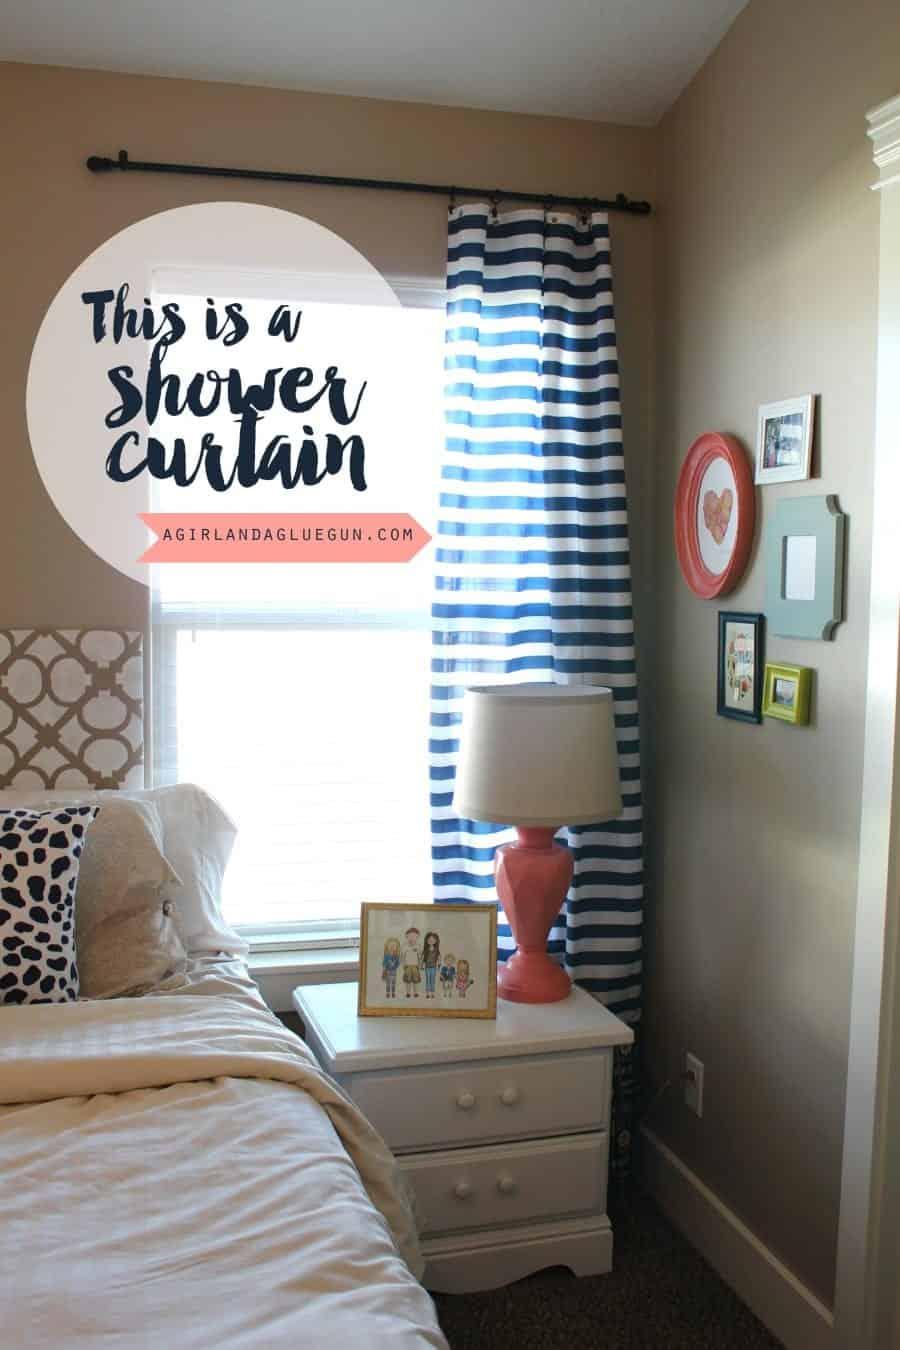 Shower Curtain As Regular